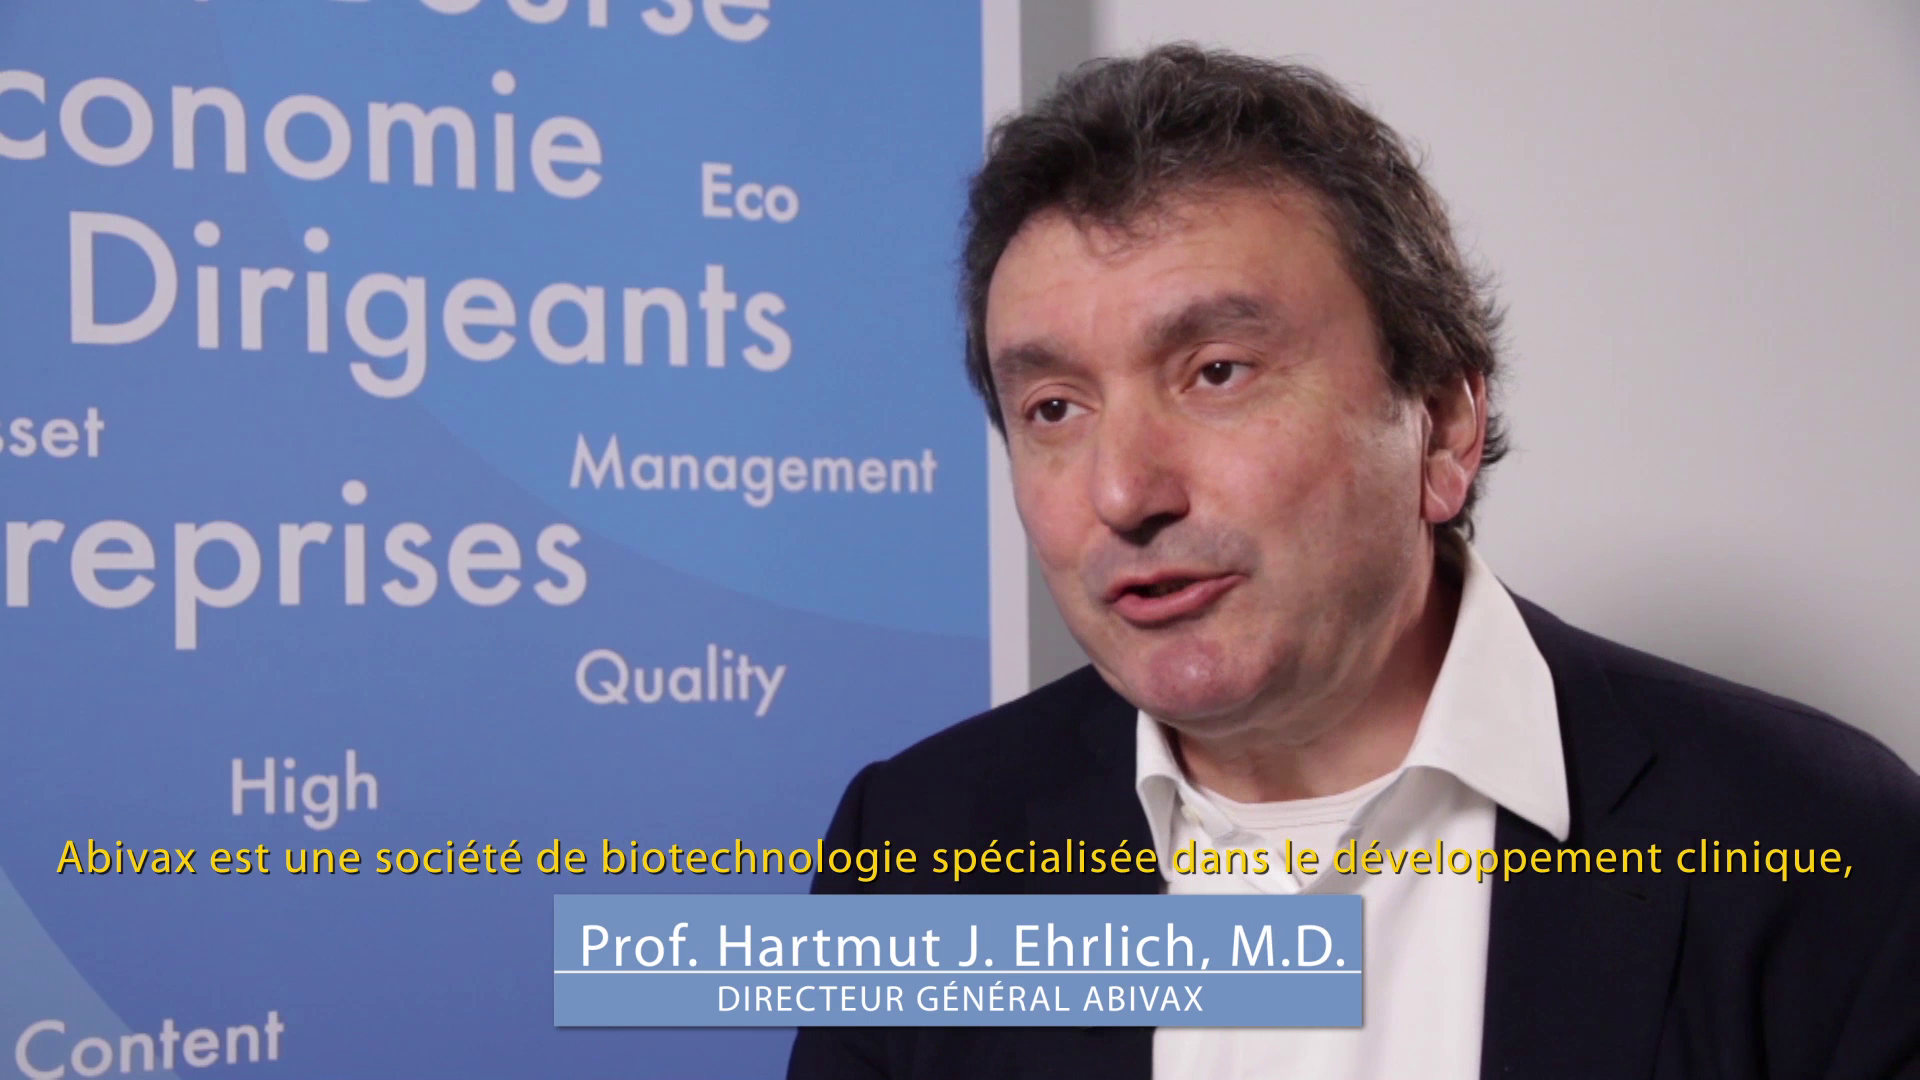 """Professeur Hartmut Ehrlich CEO ABIVAX : """"Nous allons démarrer la phase finale du développement clinique de notre vaccin thérapeutique contre l'hépatite B chronique"""""""